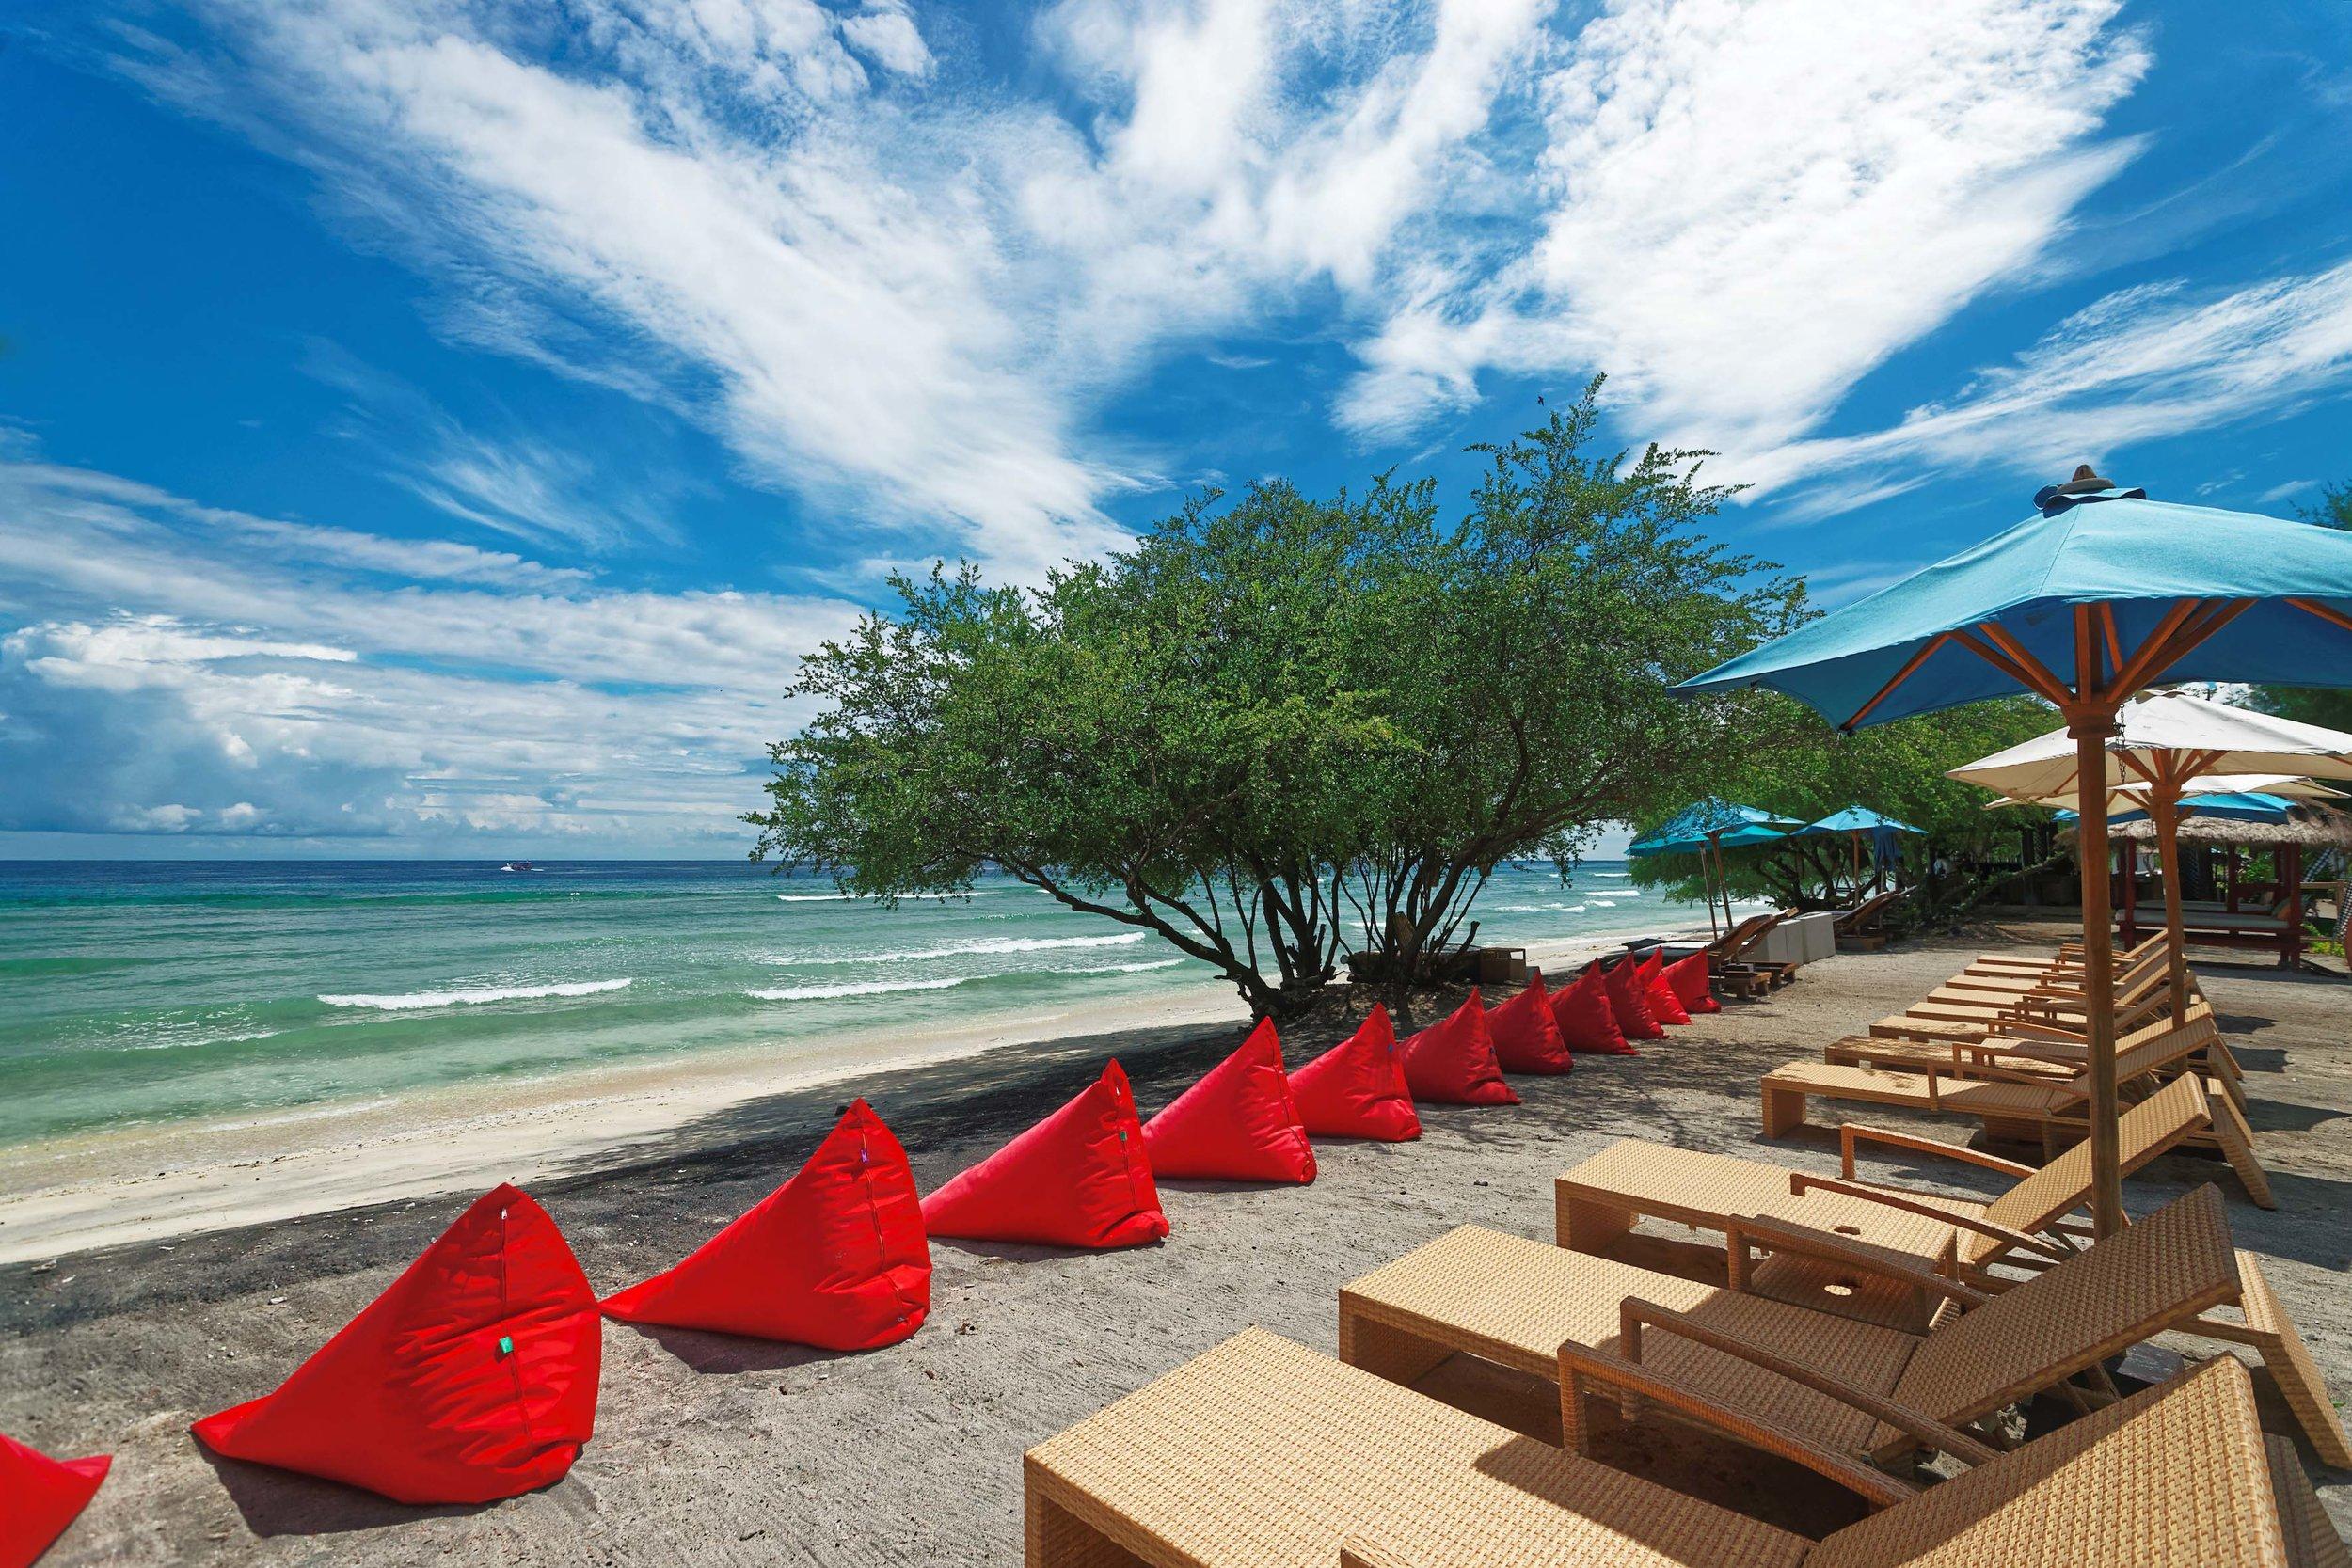 Jambuluwuk Oceano Resort - Beach View.jpg